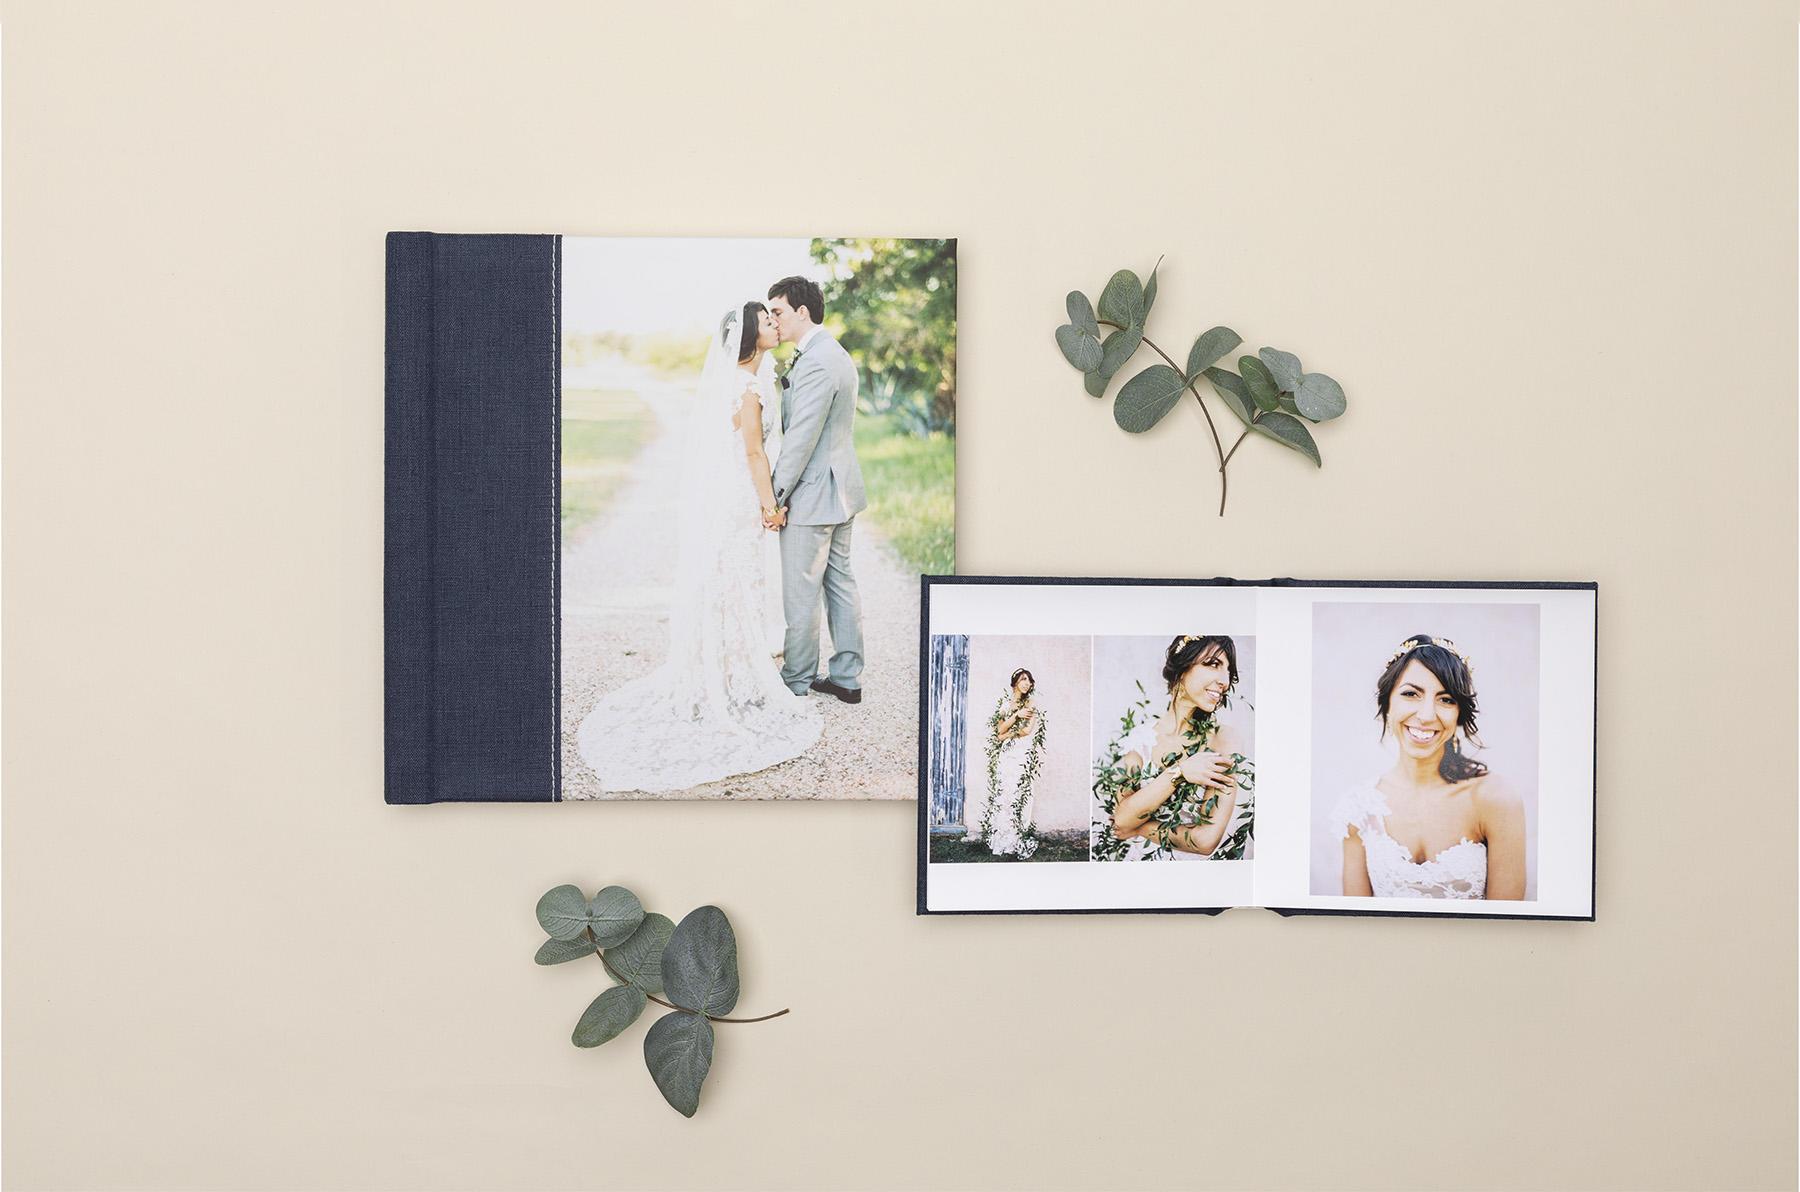 WHCC Album with bridal photos